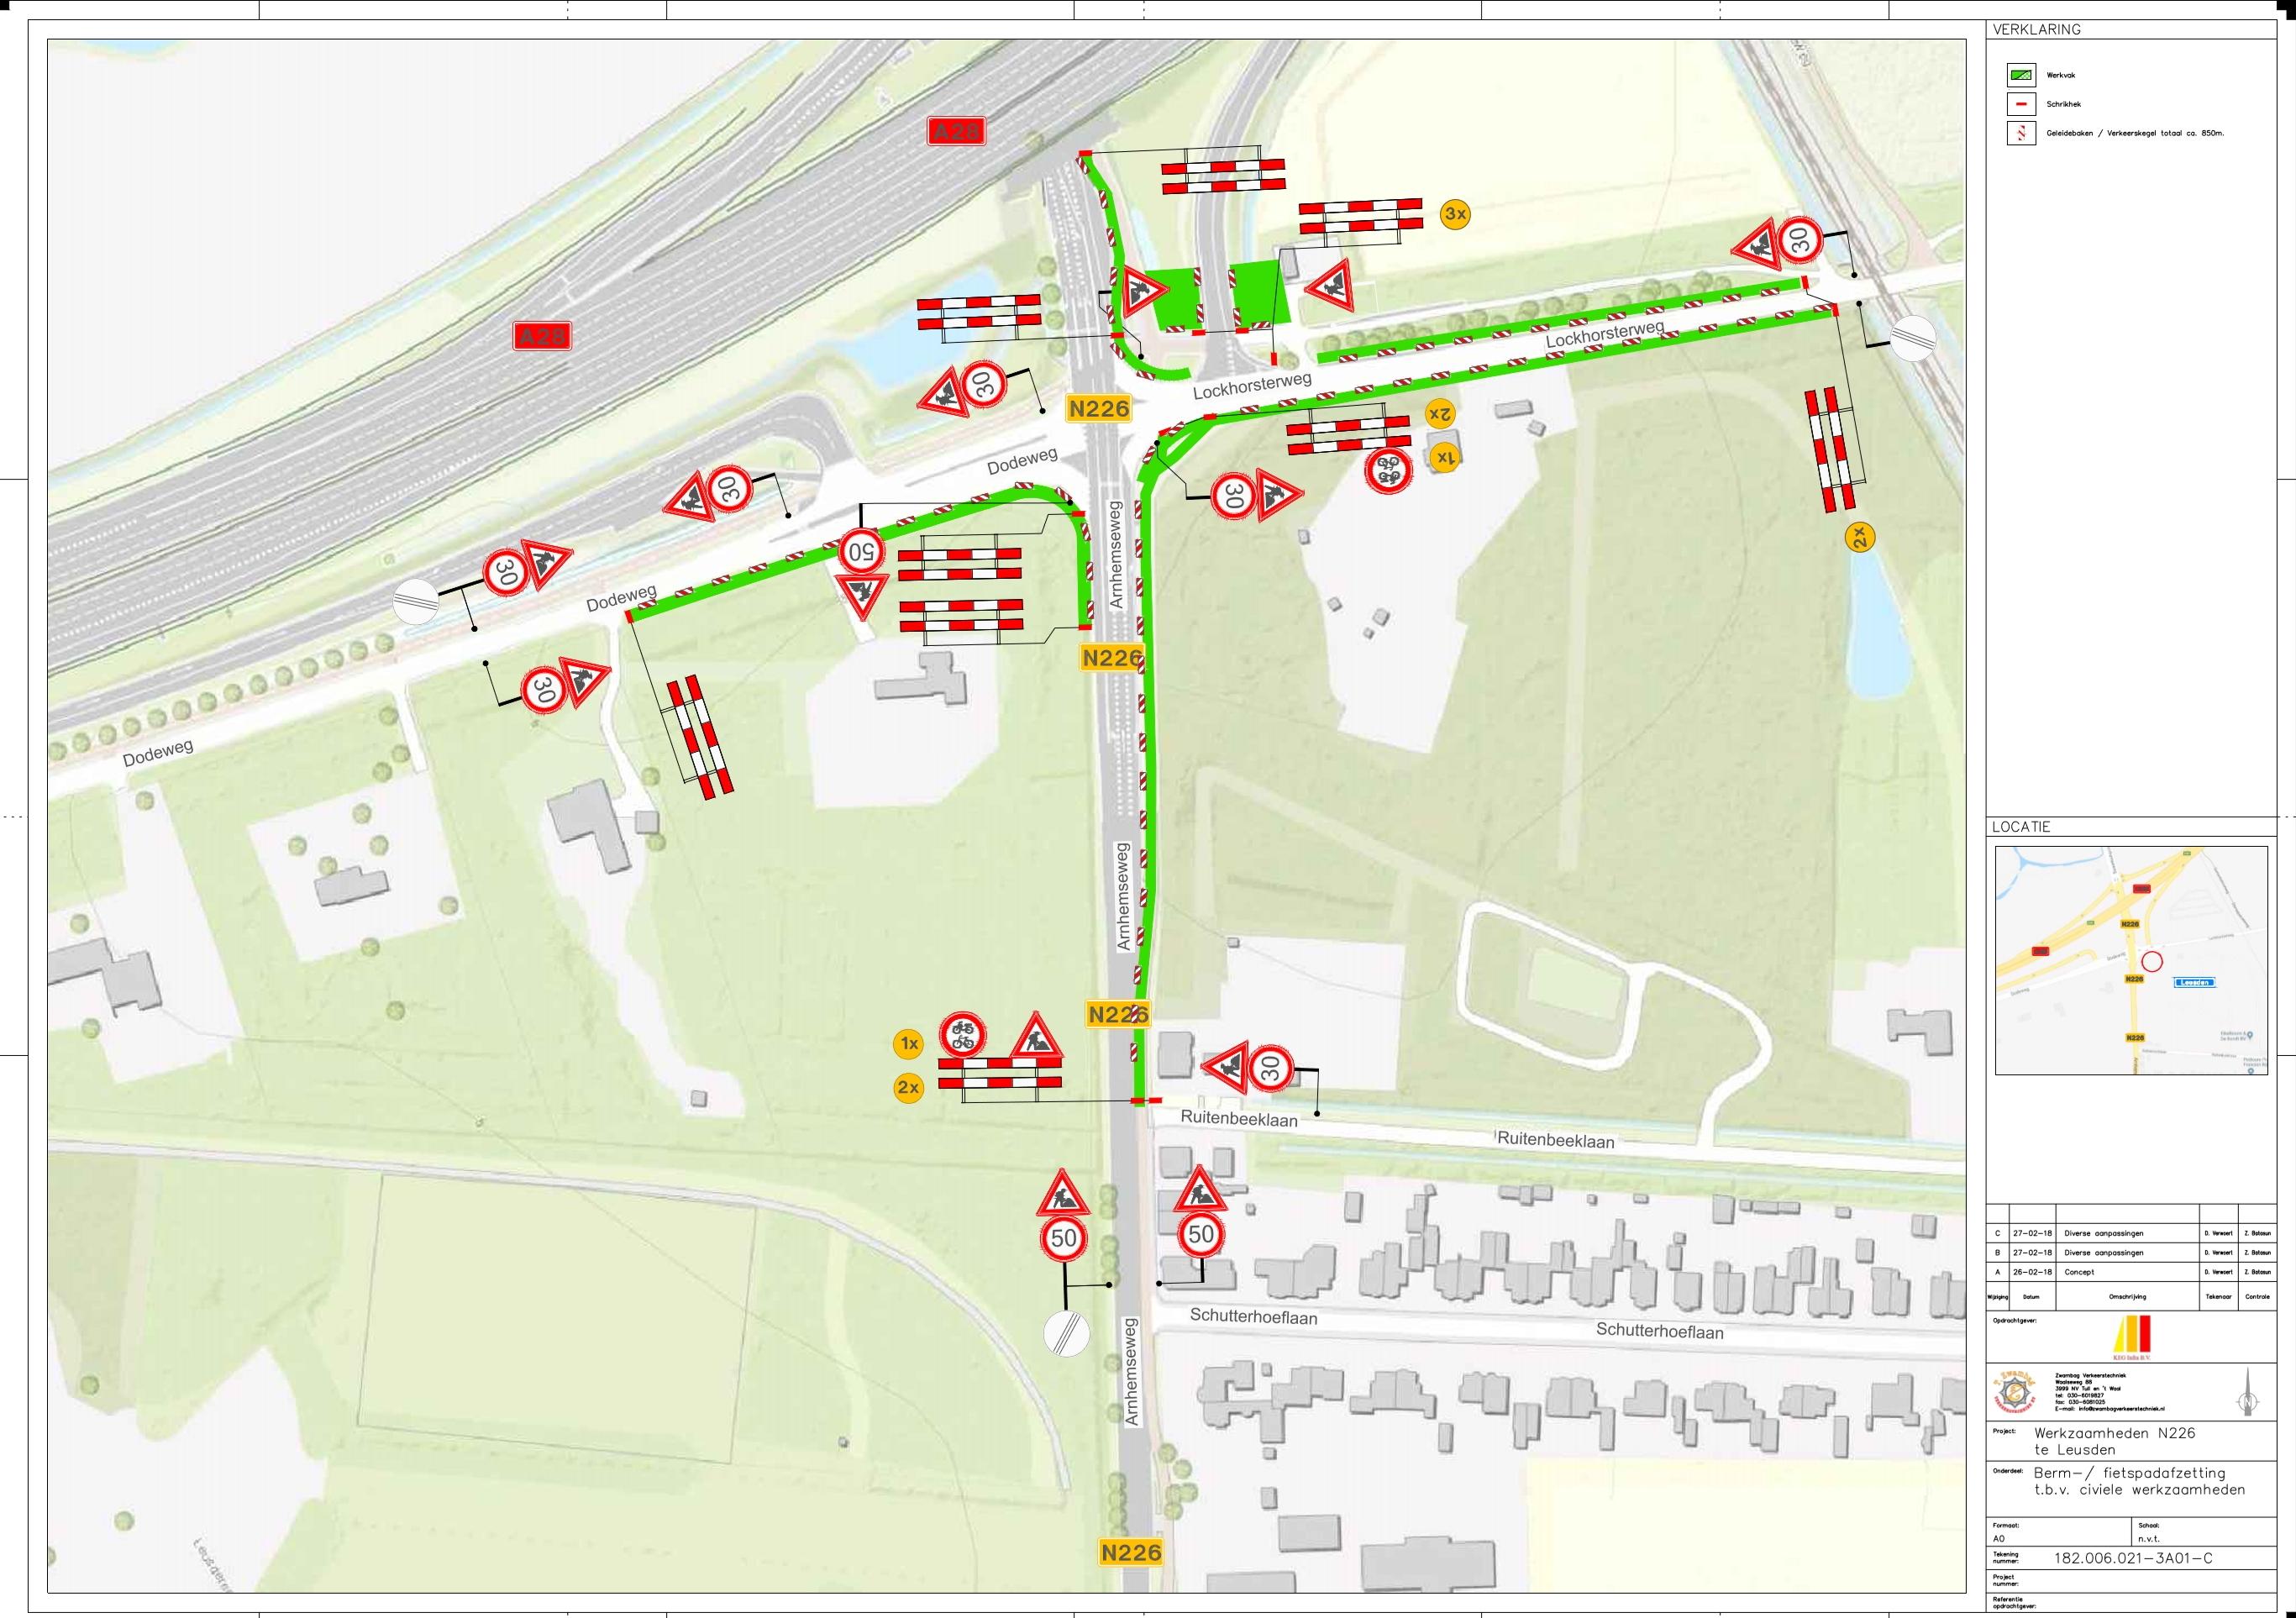 ☎ Zwambag Verkeerstechniek, voor tijdelijke bebording verkeersborden!